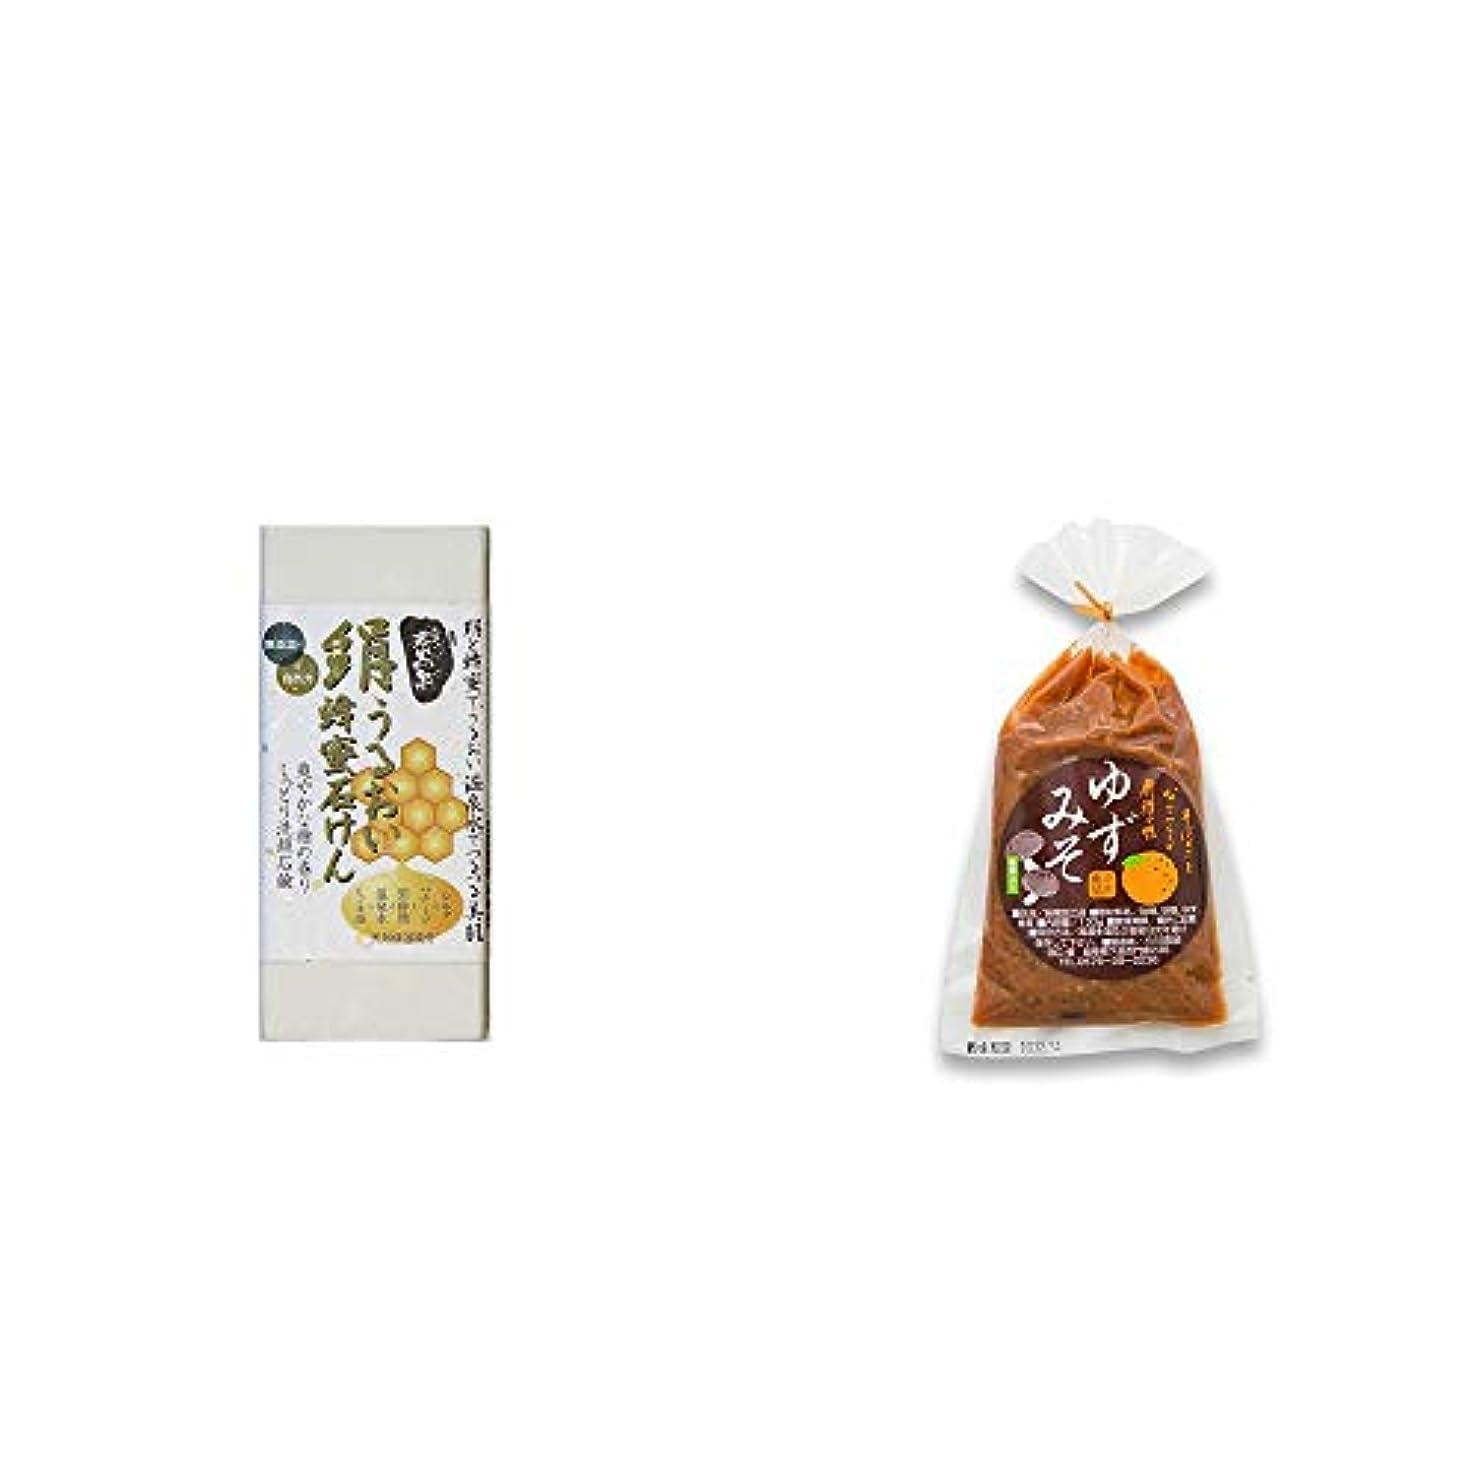 年金受給者ミシンクラッシュ[2点セット] ひのき炭黒泉 絹うるおい蜂蜜石けん(75g×2)?ゆずみそ(130g)